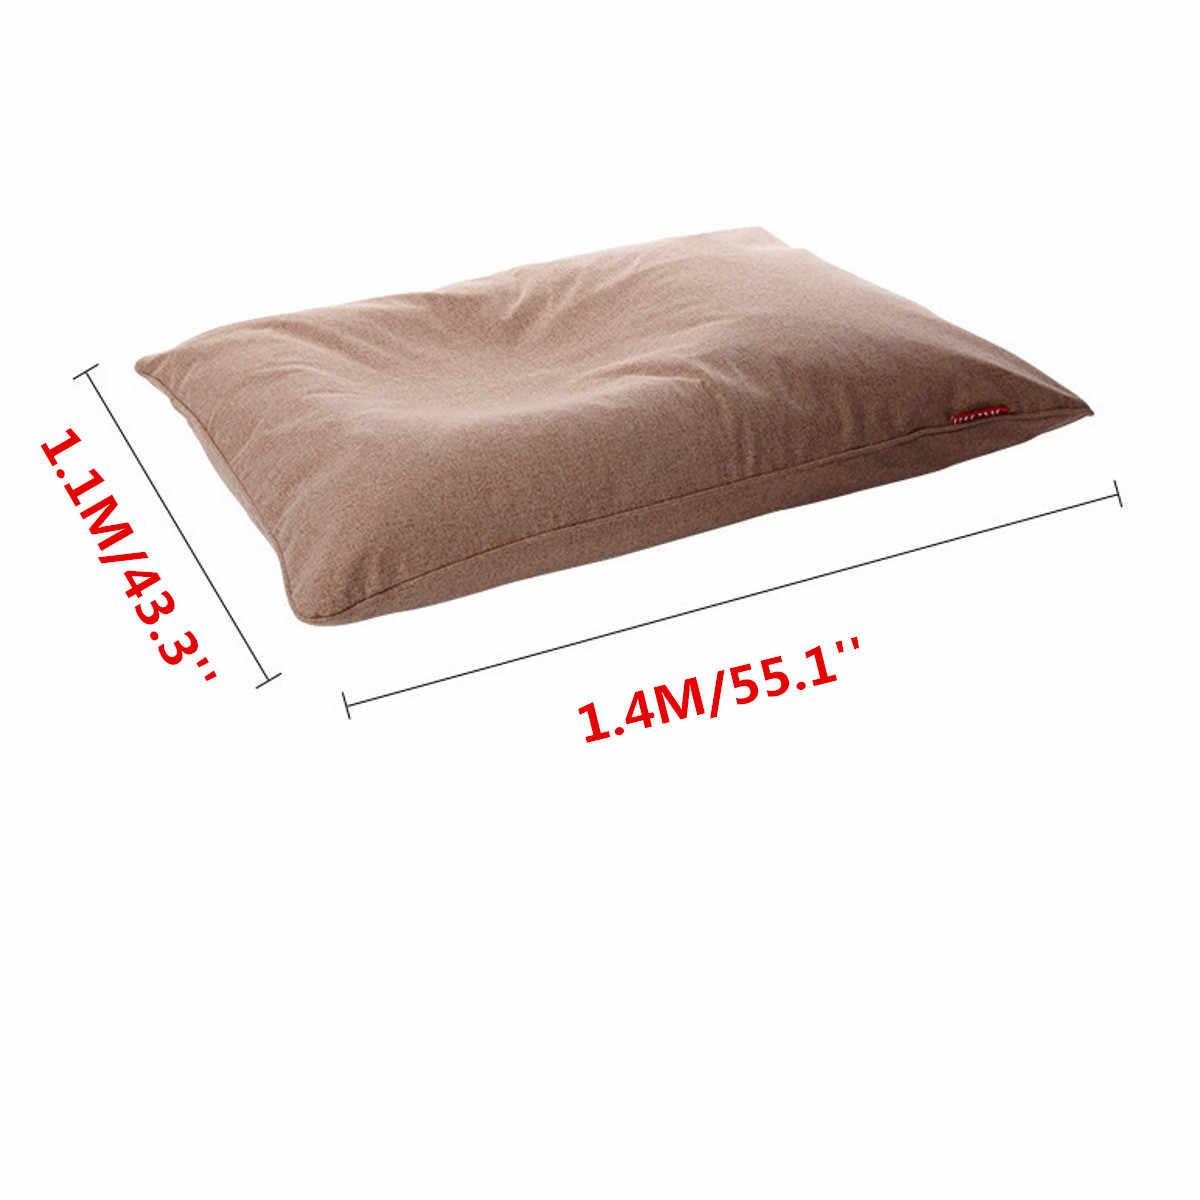 140x110 cm Saco De Feijão Preguiçoso Sofás Cadeiras de Pano Tampa Da cadeira Espreguiçadeira Sofá Pufe Puff Sofá Tatami Sala de estar mobiliário lavável